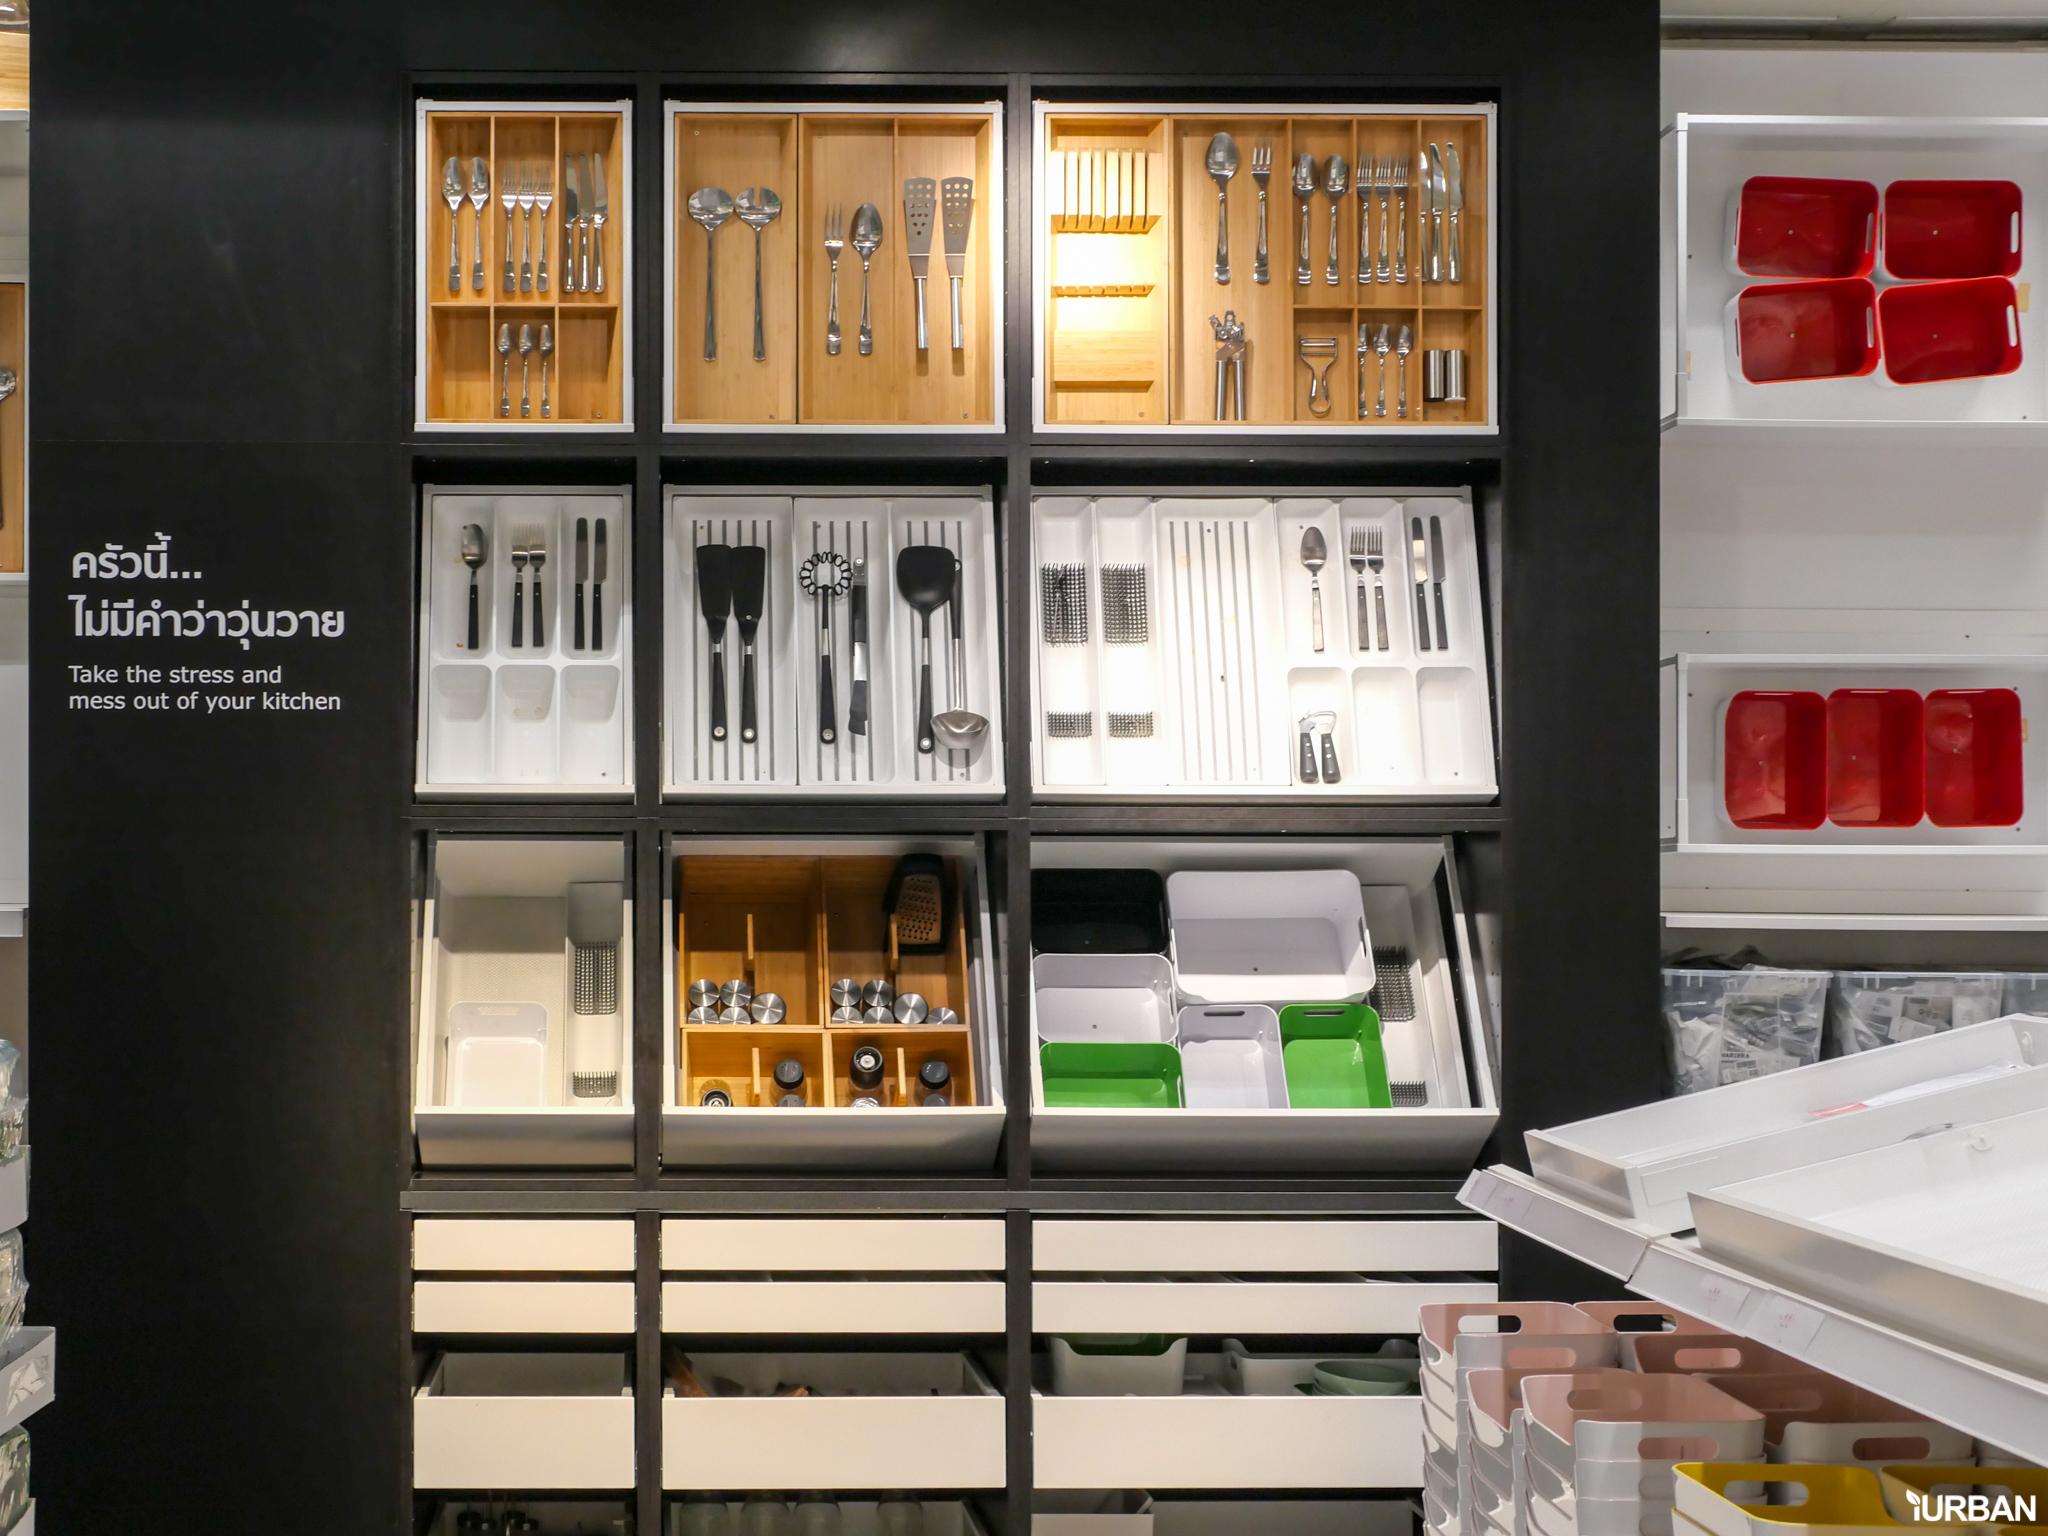 9 เหตุผลที่คนเลือกชุดครัวอิเกีย และโอกาสที่จะมีครัวในฝัน IKEA METOD/เมท็อด โปรนี้ดีที่สุดแล้ว #ถึง17มีนา 84 - IKEA (อิเกีย)